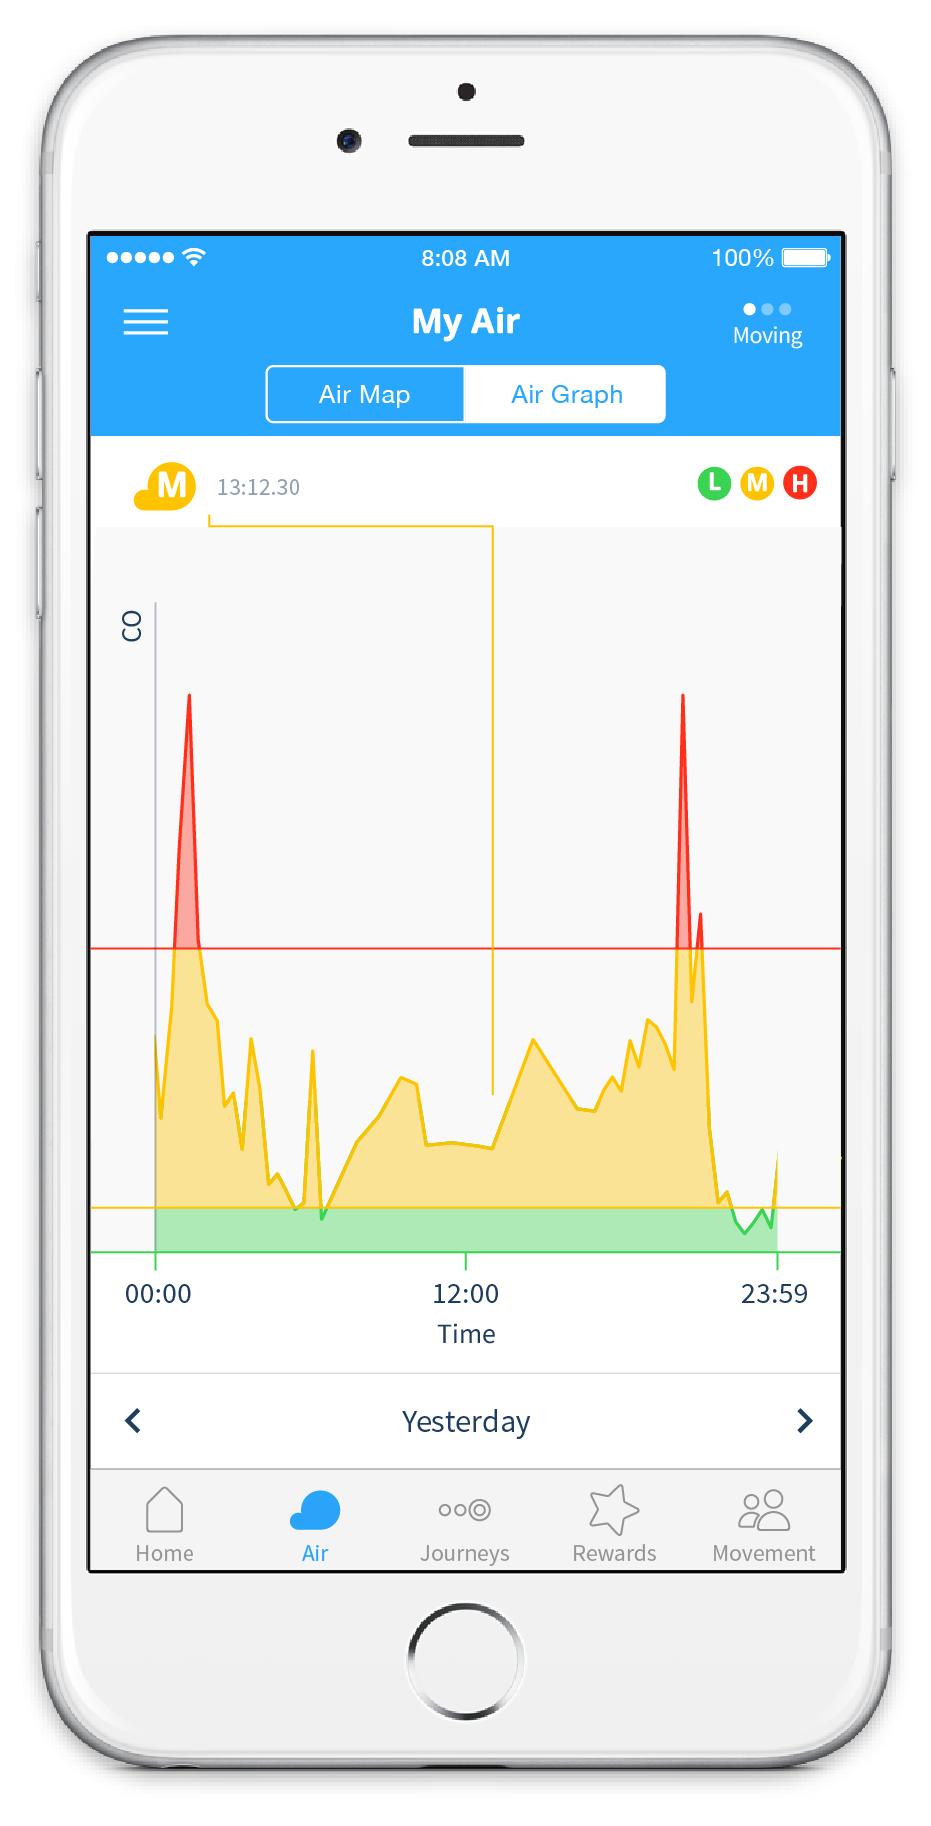 iphone-air-graph